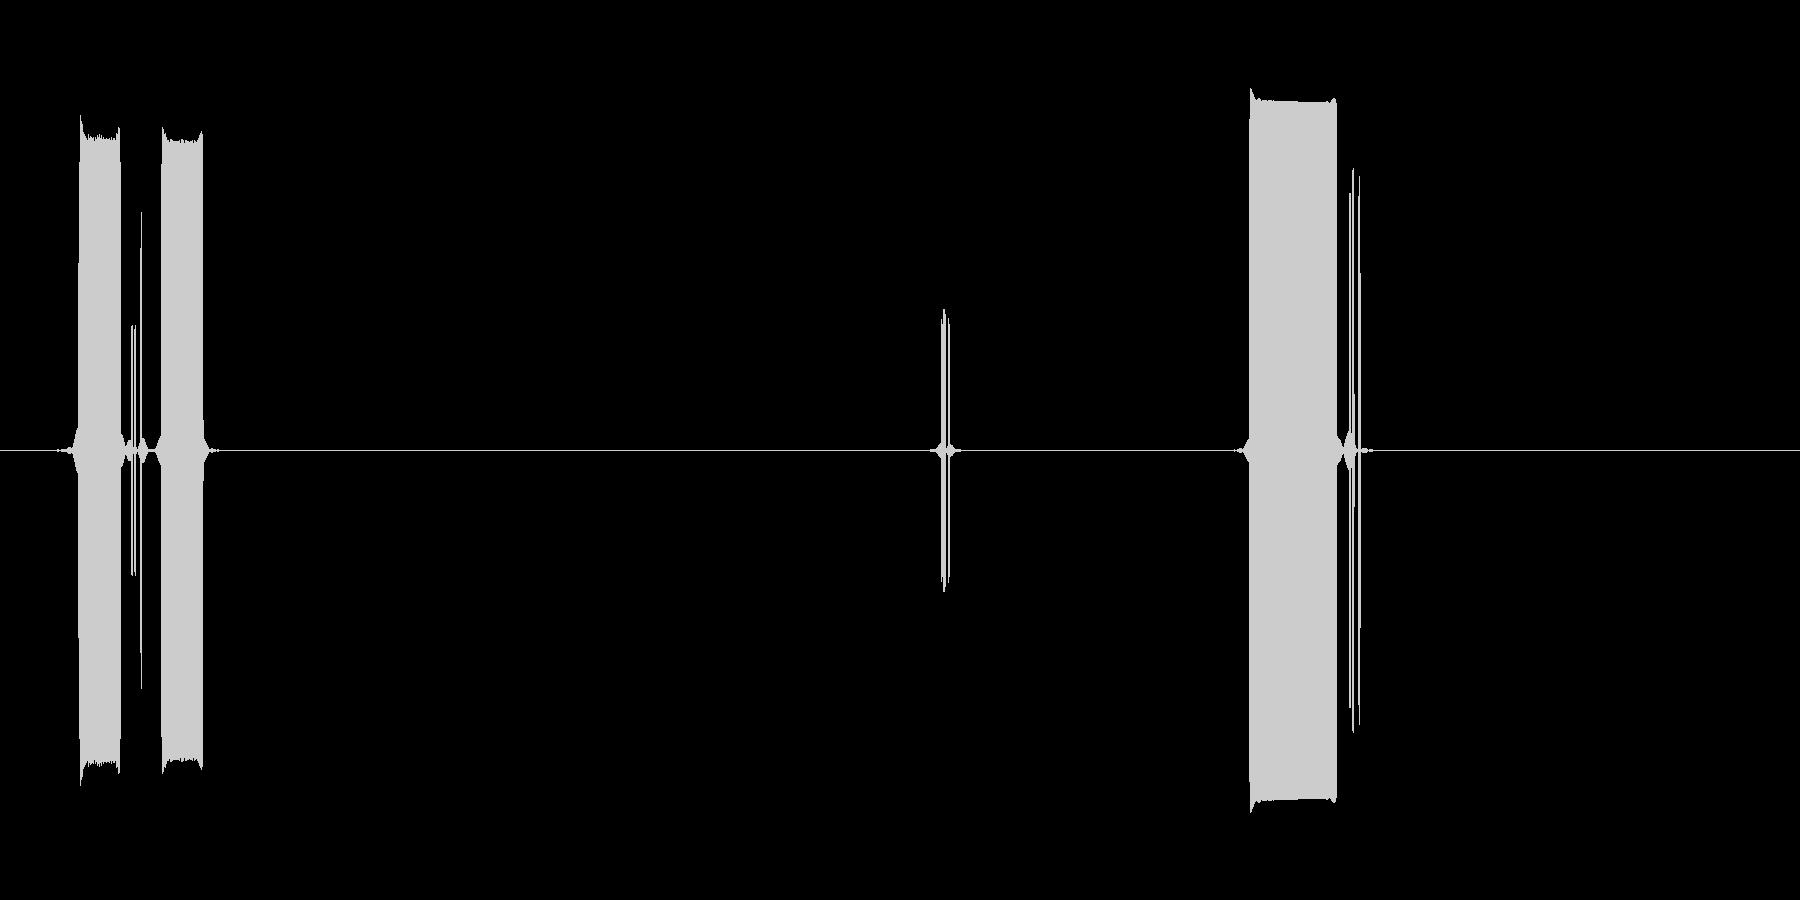 ピコッピッ(ポップなコンピュータ起動音)の未再生の波形